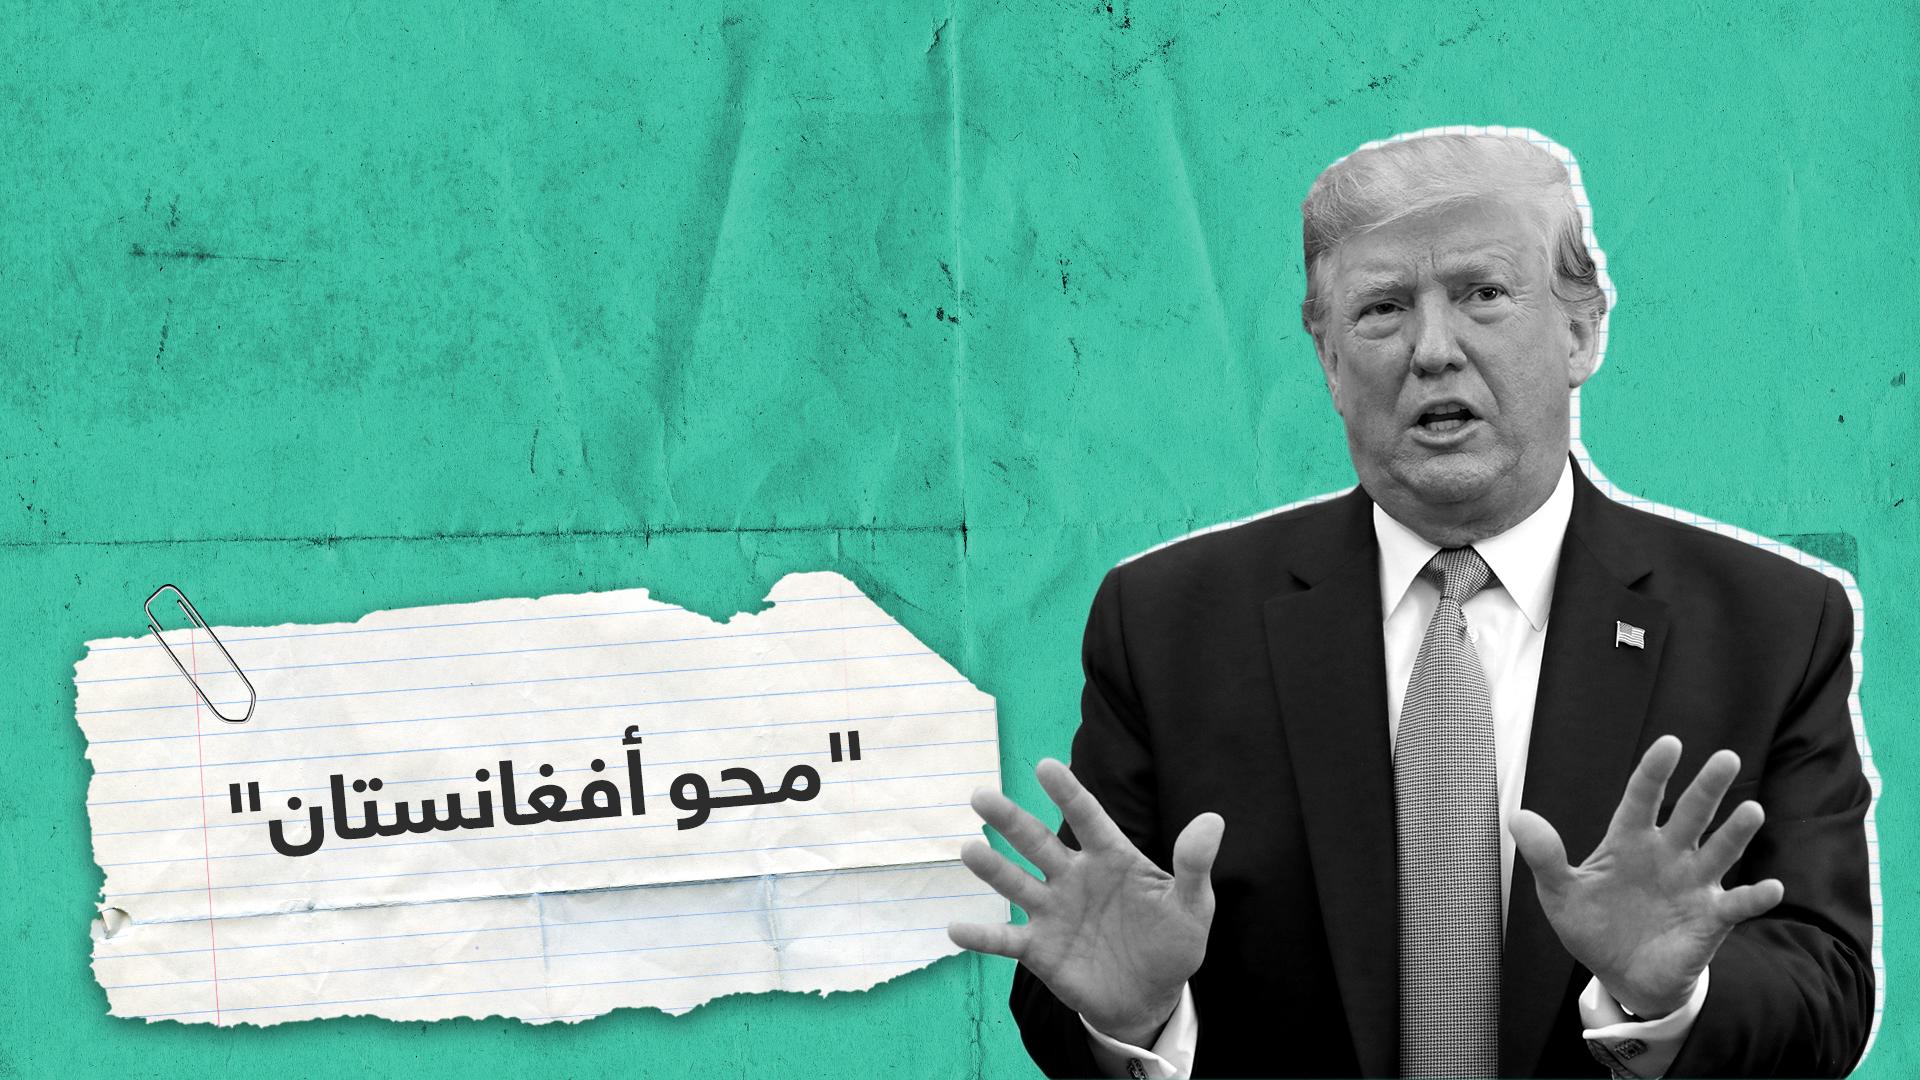 كم مليونا سيقتلون إذا أراد ترامب الانتصار في أفغانستان؟